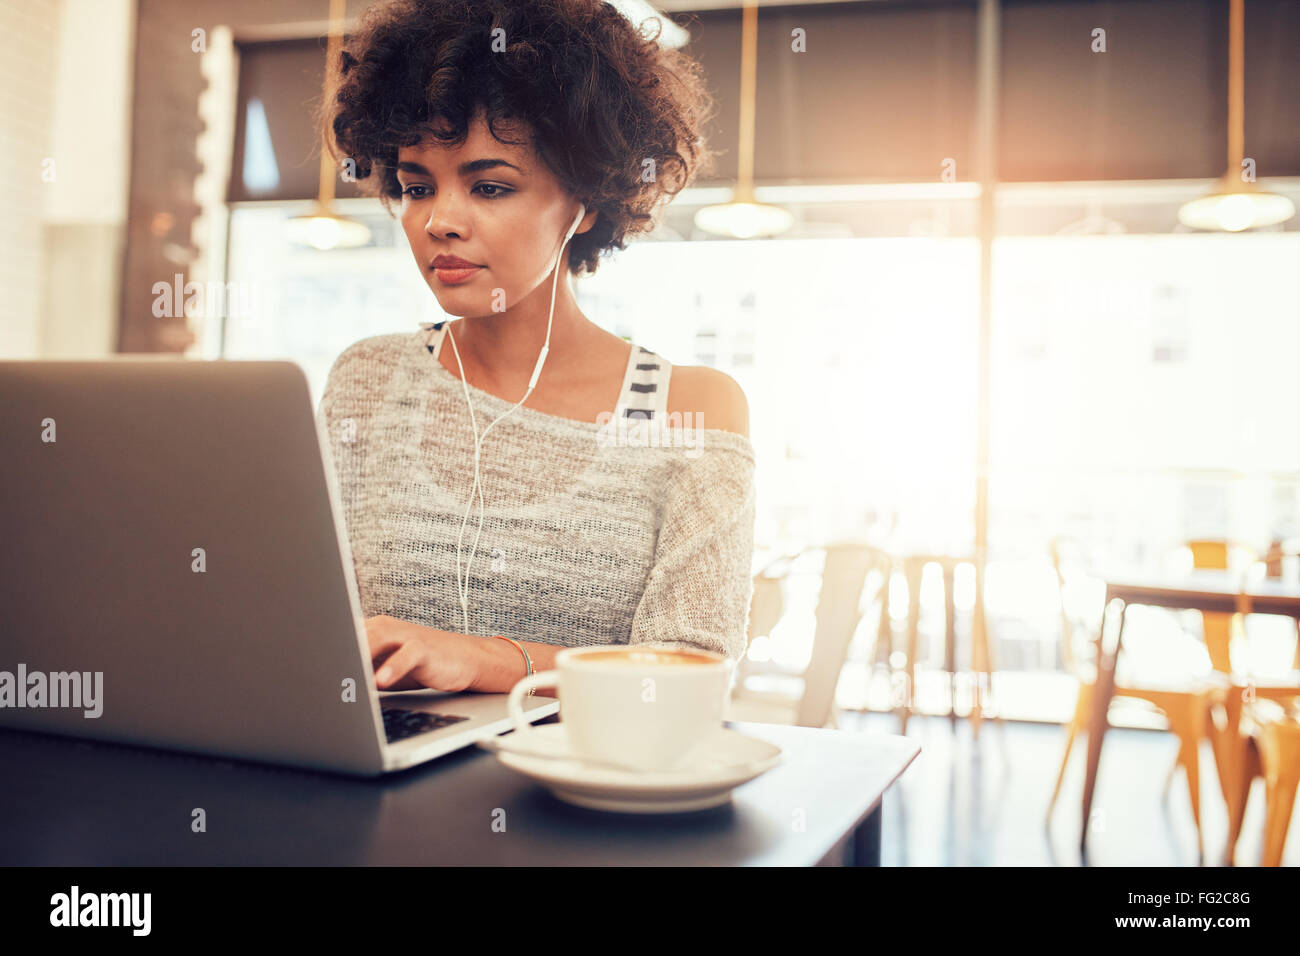 Portrait de belle jeune femme avec vos écouteurs working on laptop tout en restant assis dans un café. Photo Stock